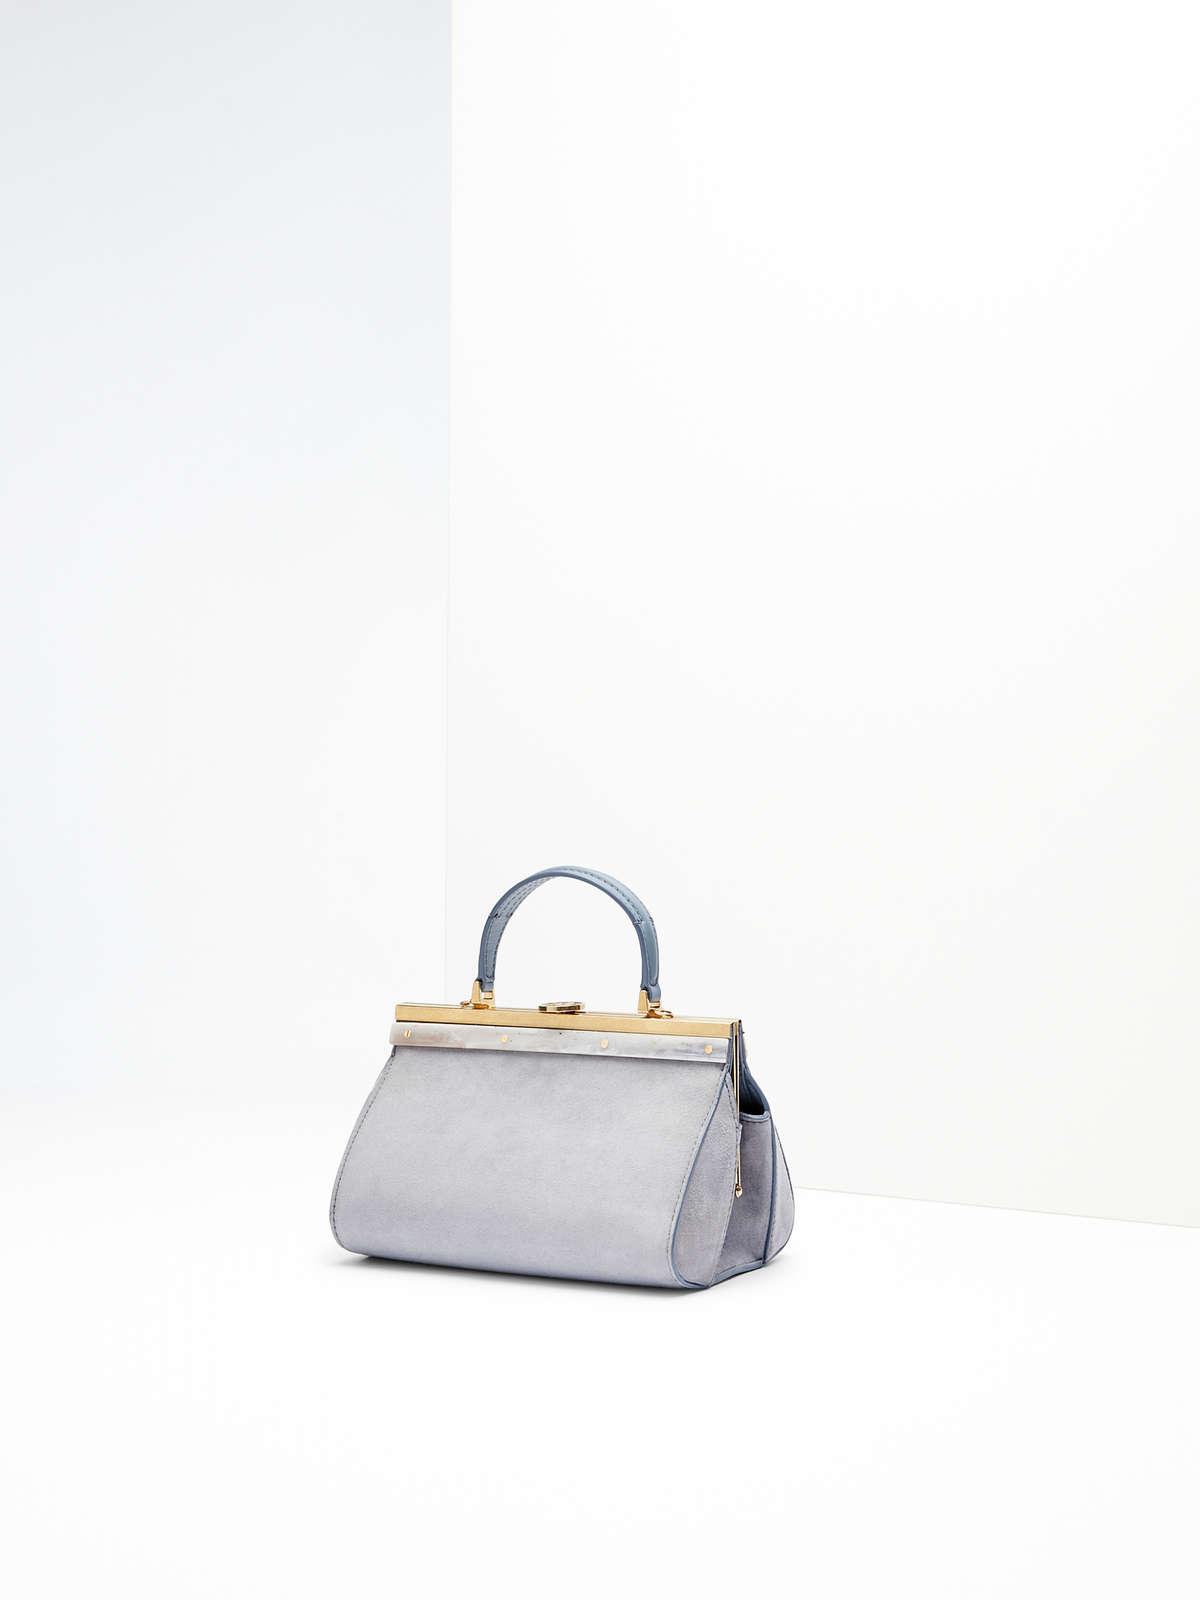 d7b2758ca464a Elegant Women's Bags | New 2019 Collection | Max Mara